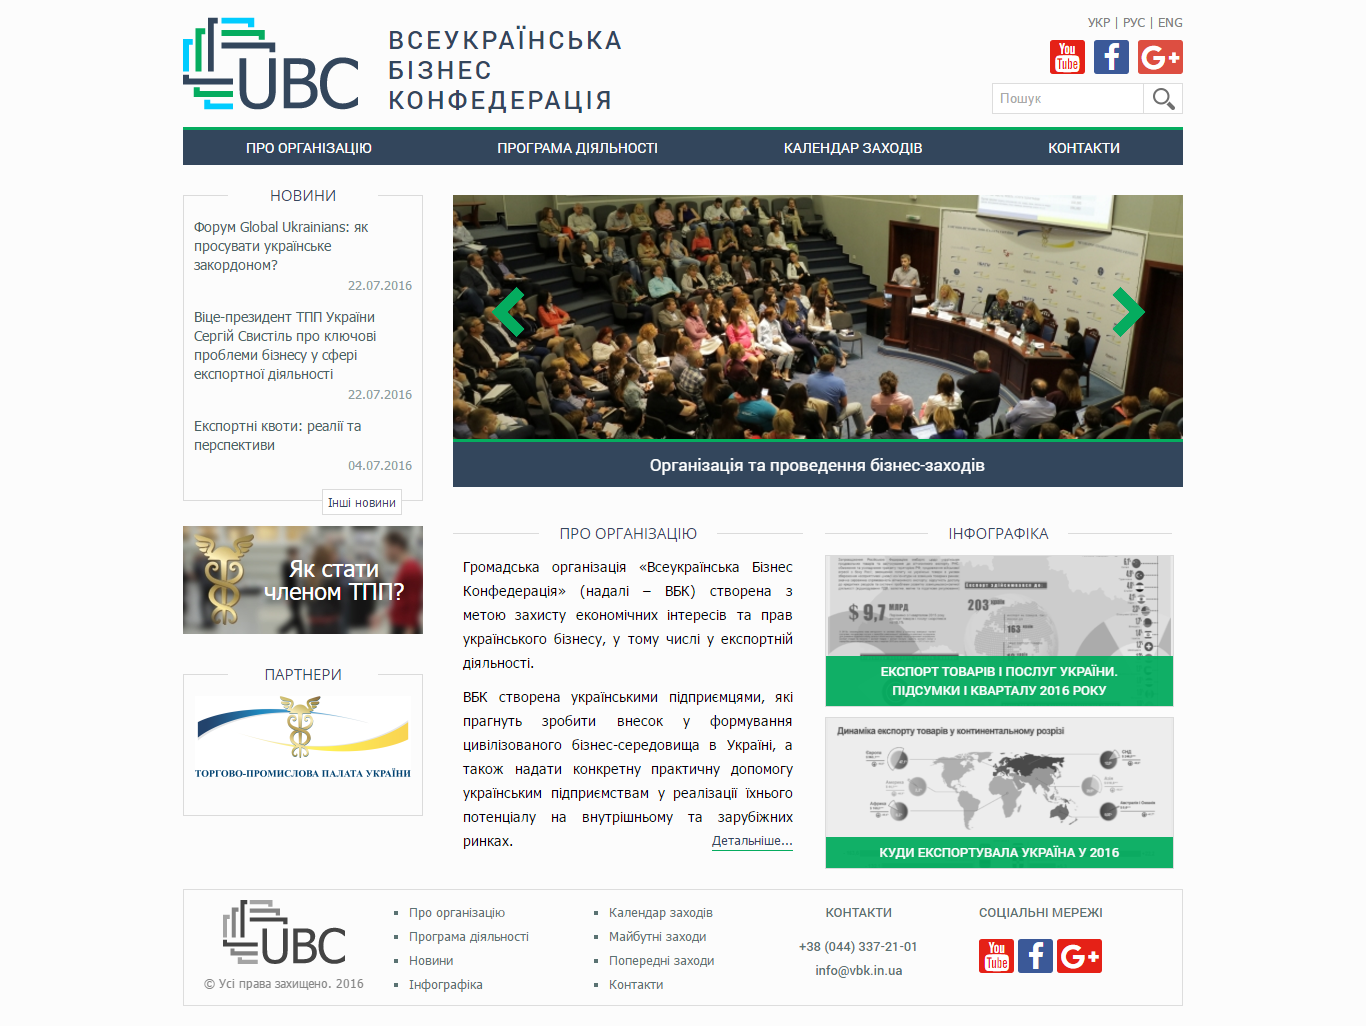 Фото Сайт под ключ, три языка, удобное отображение инфографики на смартфоне.